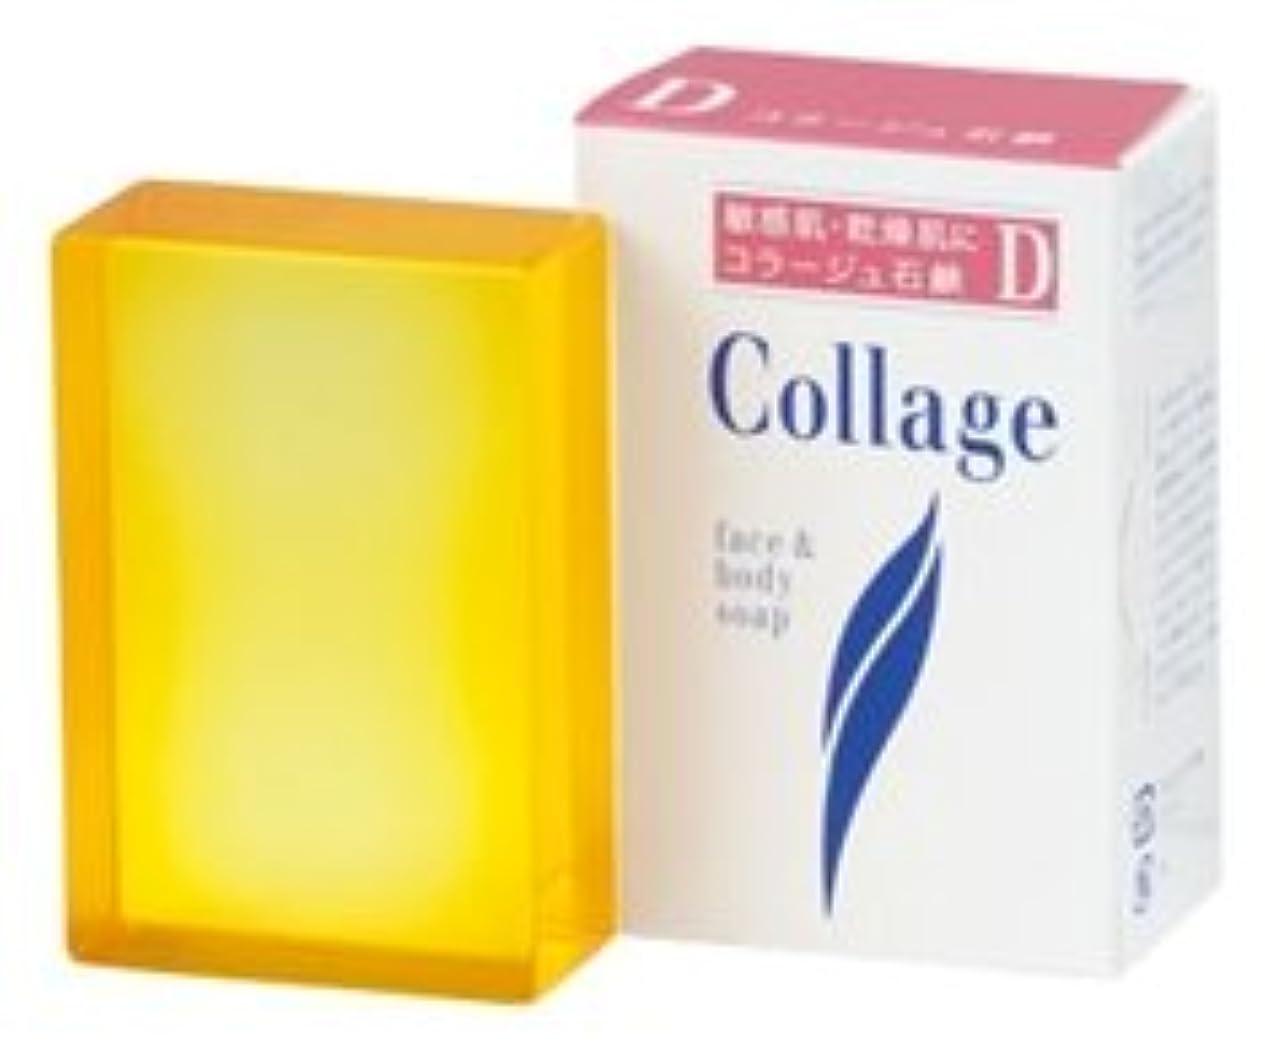 追い払うアラバマ必須コラージュD乾性肌用石鹸100g×2 1342